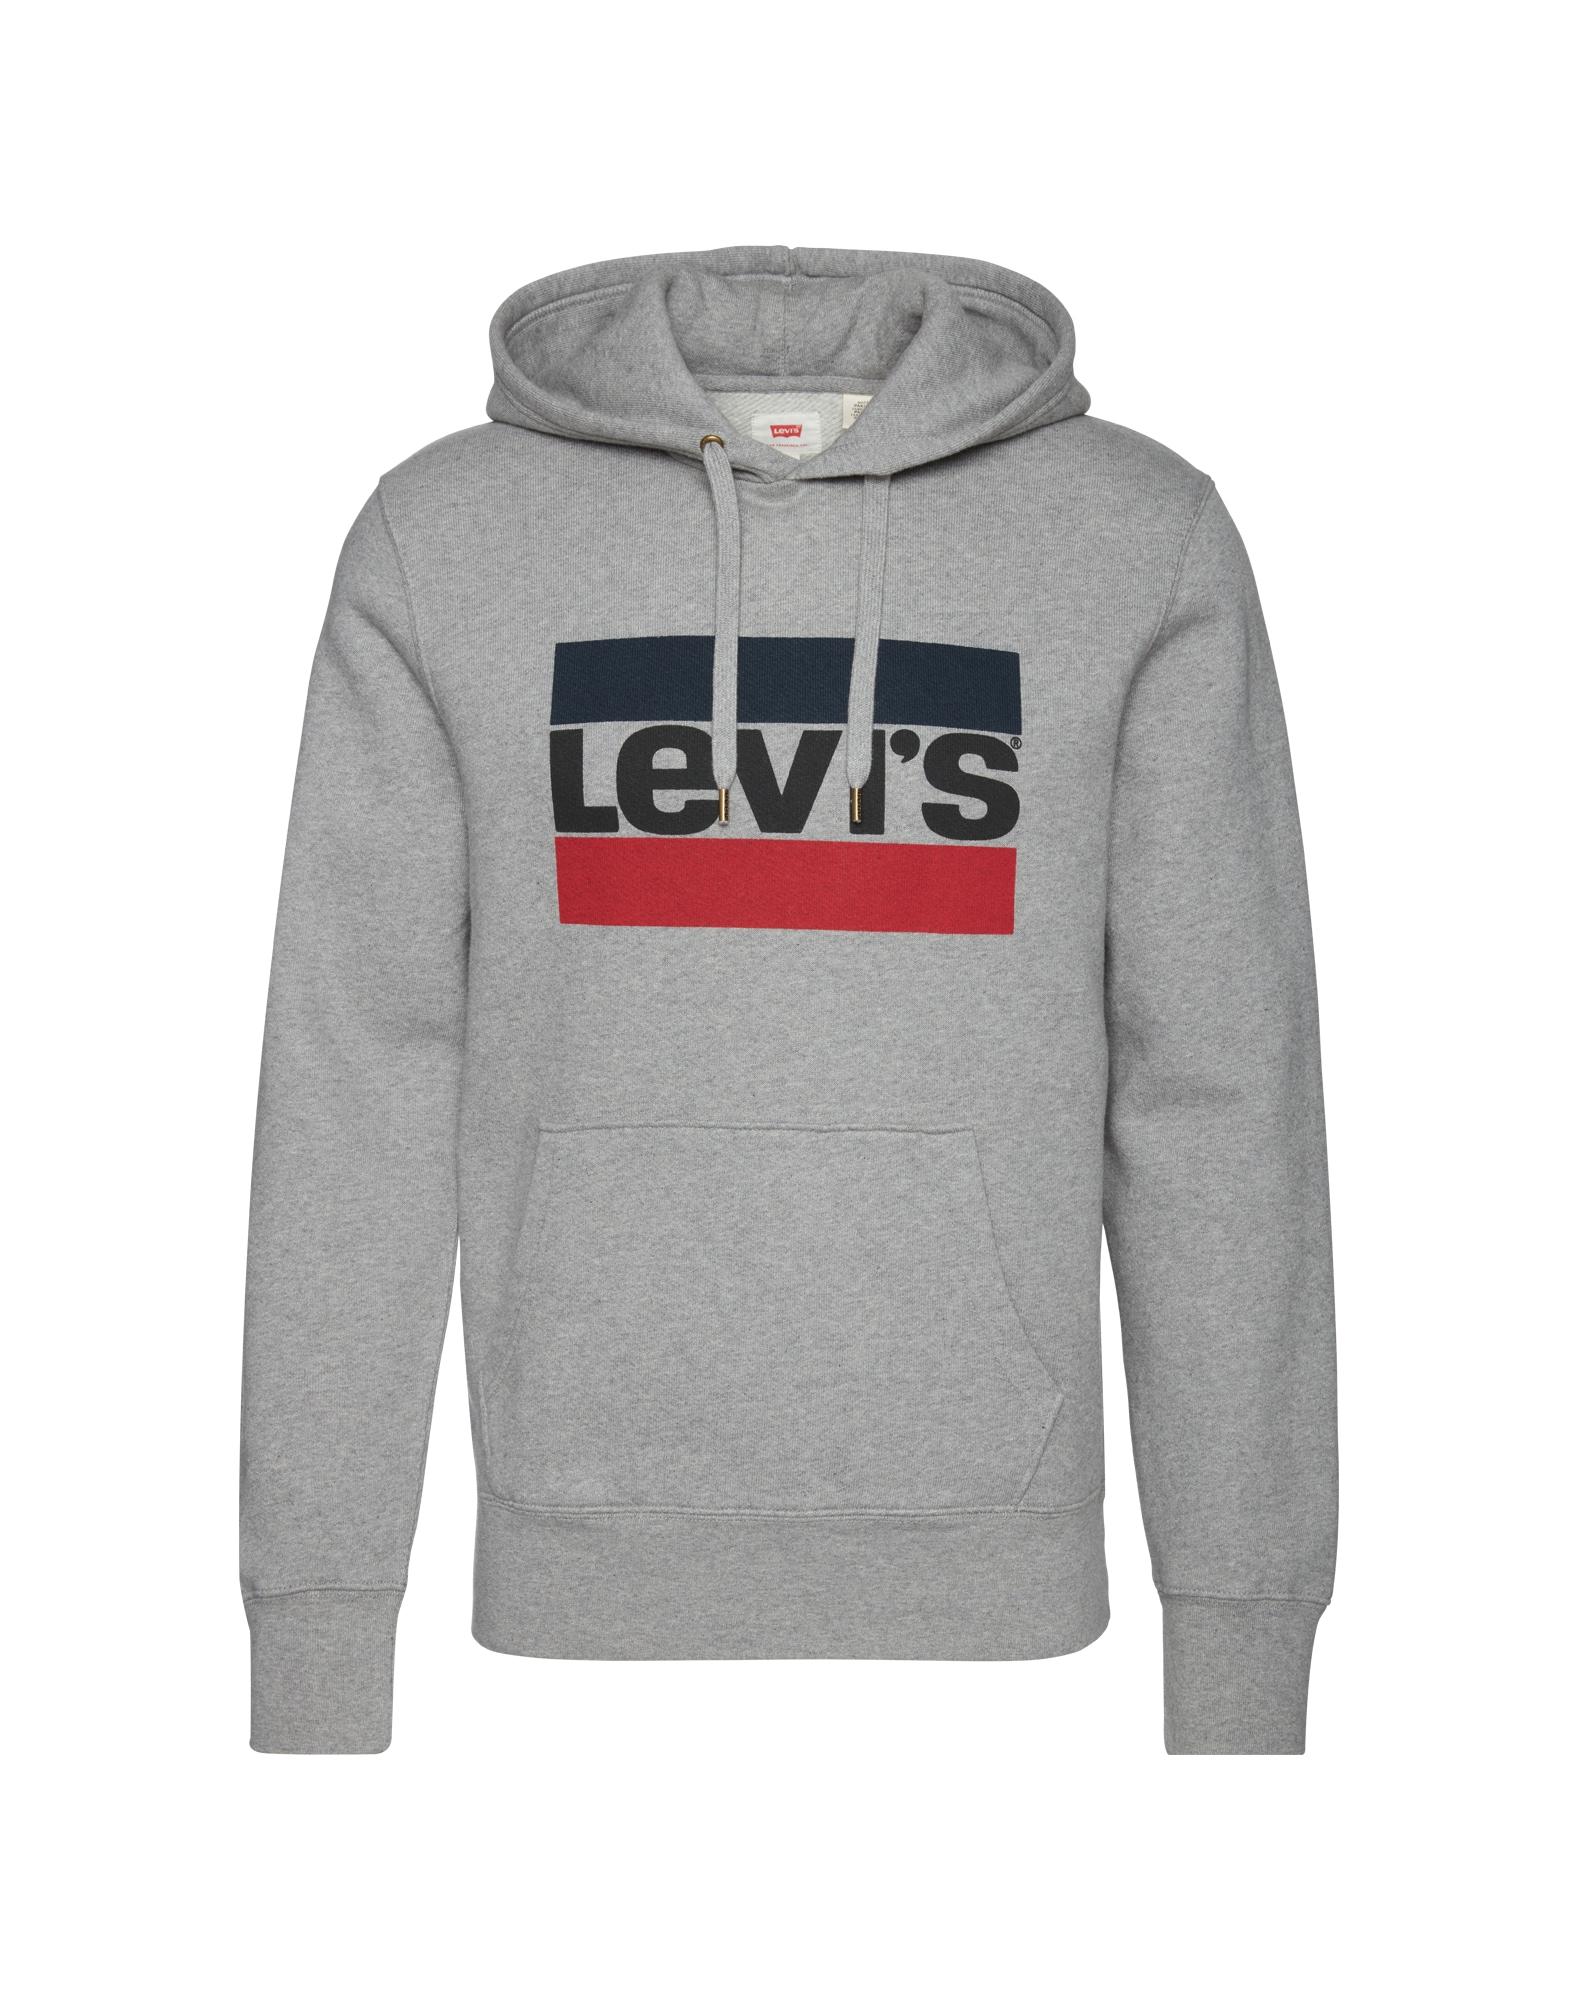 LEVI'S Heren Sweatshirt blauw grijs gemêleerd rood